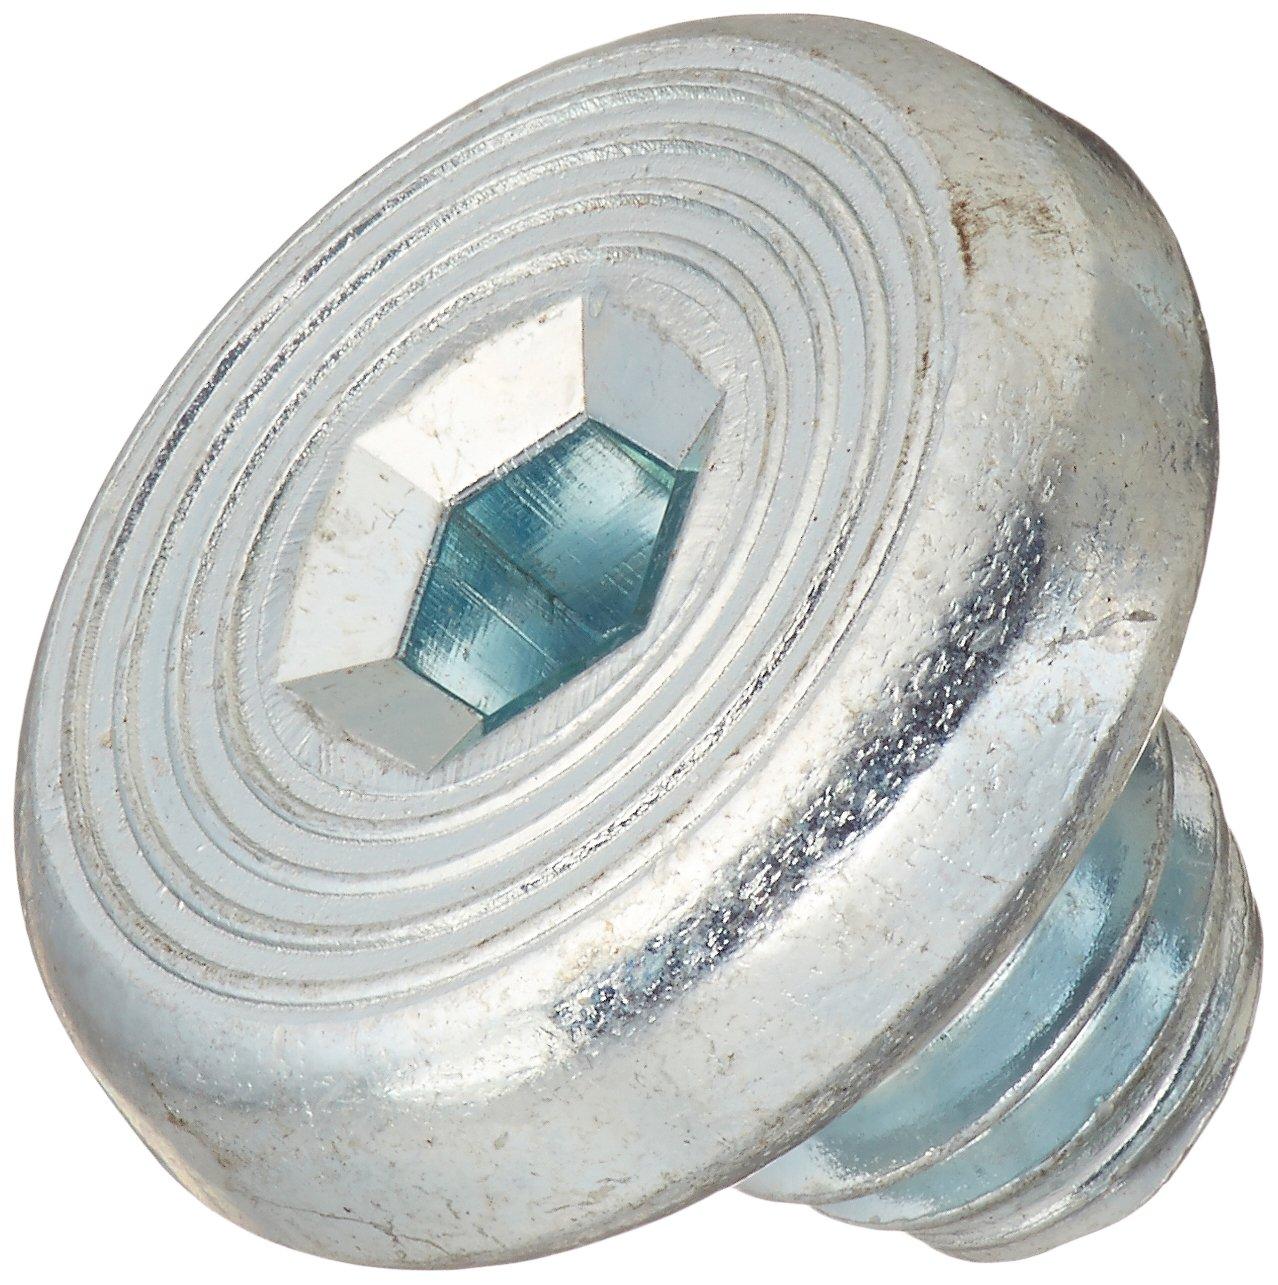 LCN 484031 689 Aluminum Cover Screw